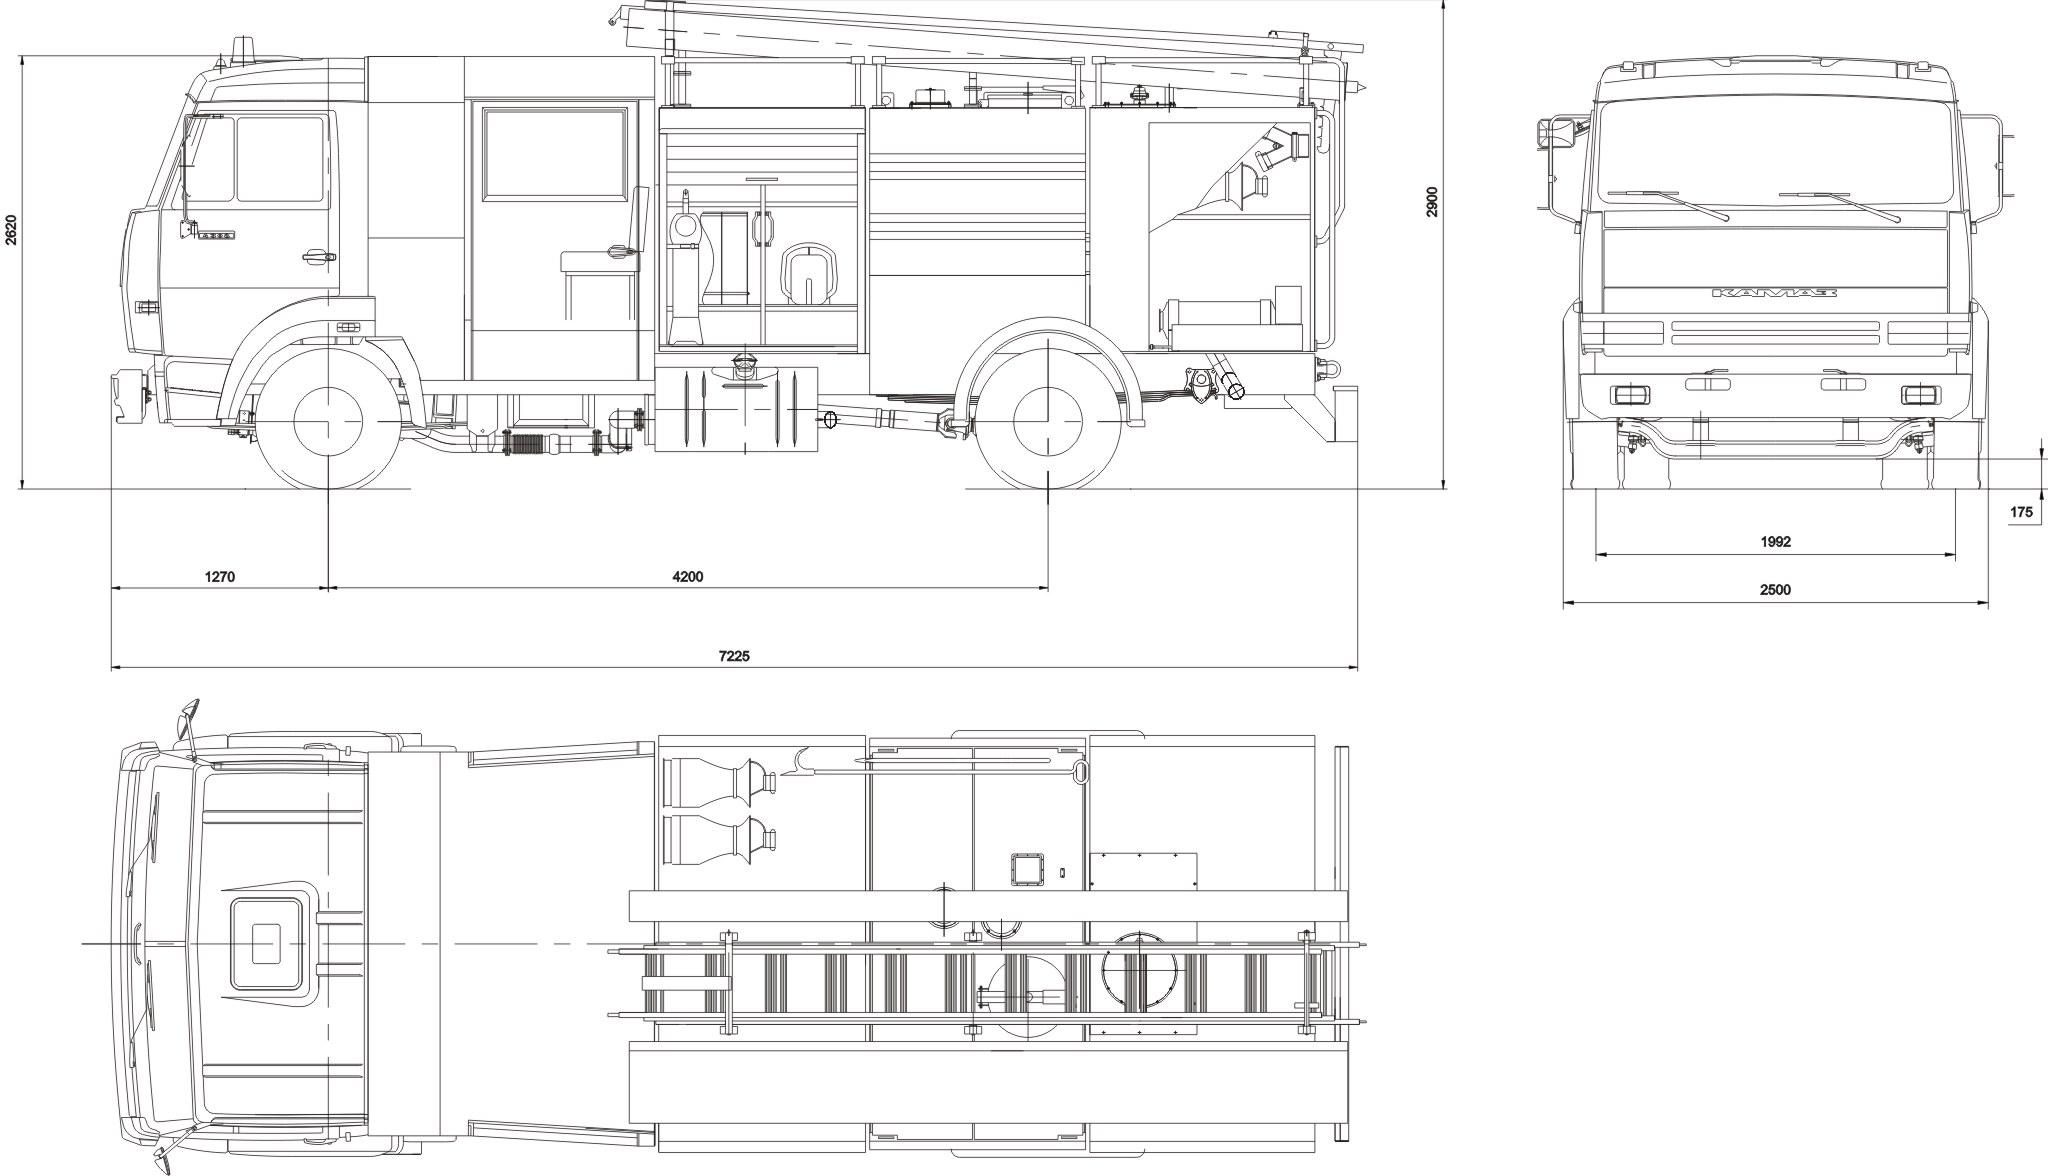 KamAZ 4308 blueprint